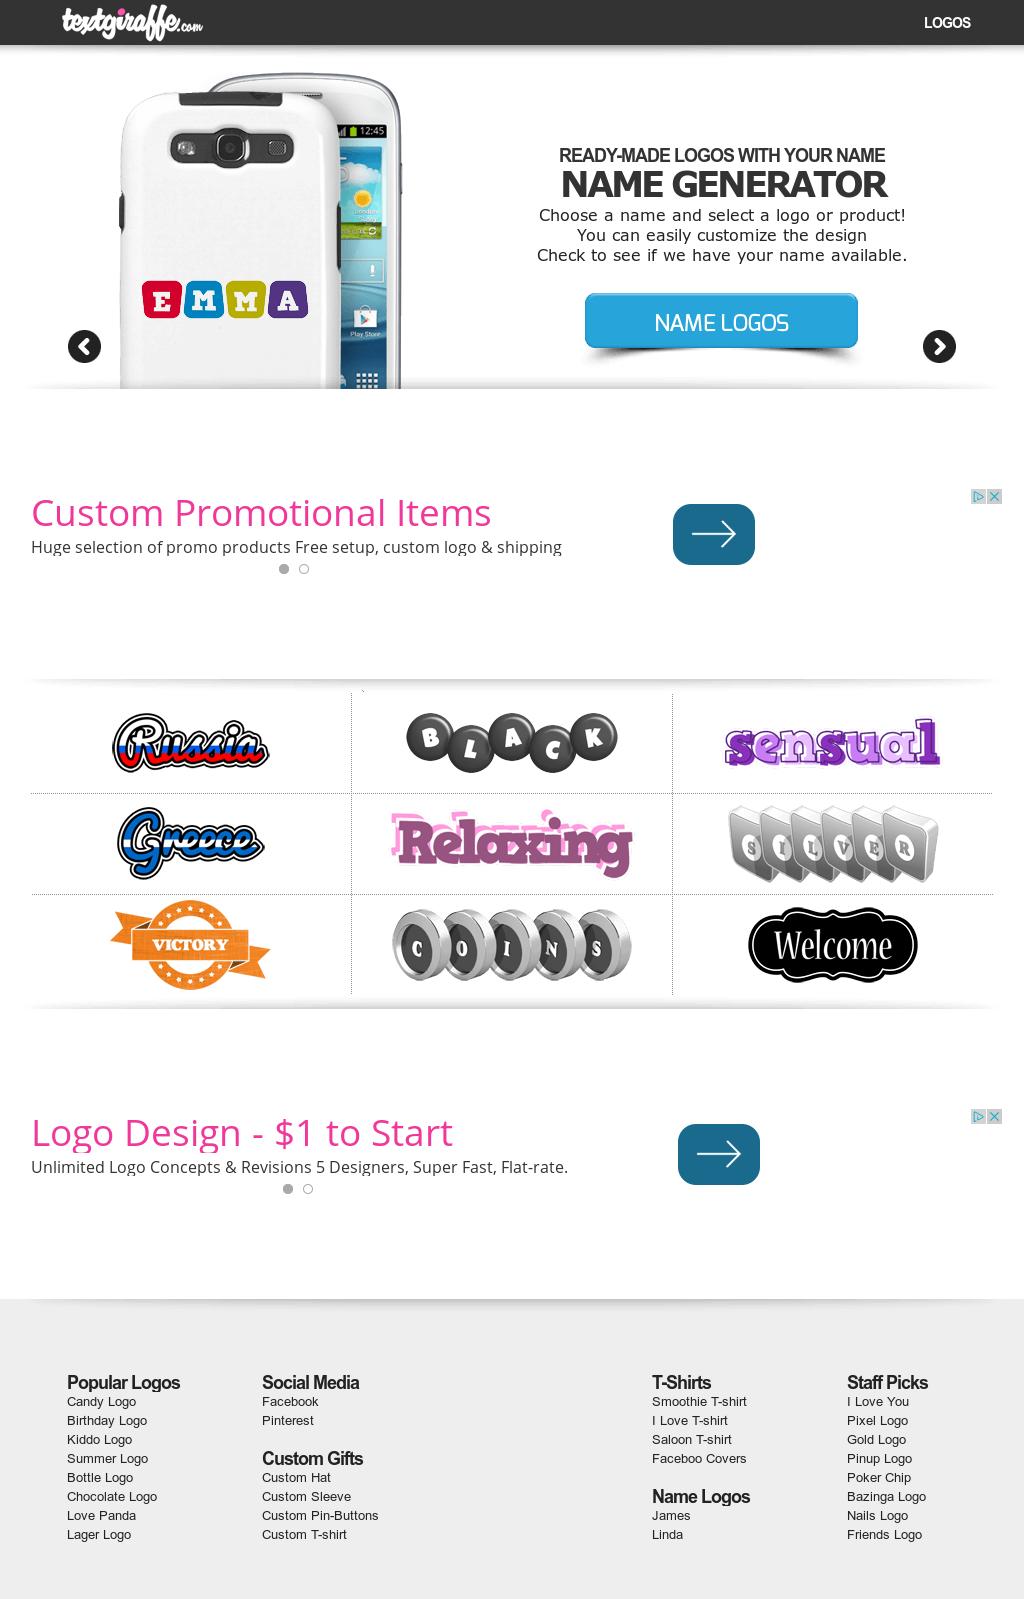 Printgiraffe Competitors, Revenue and Employees - Owler Company Profile